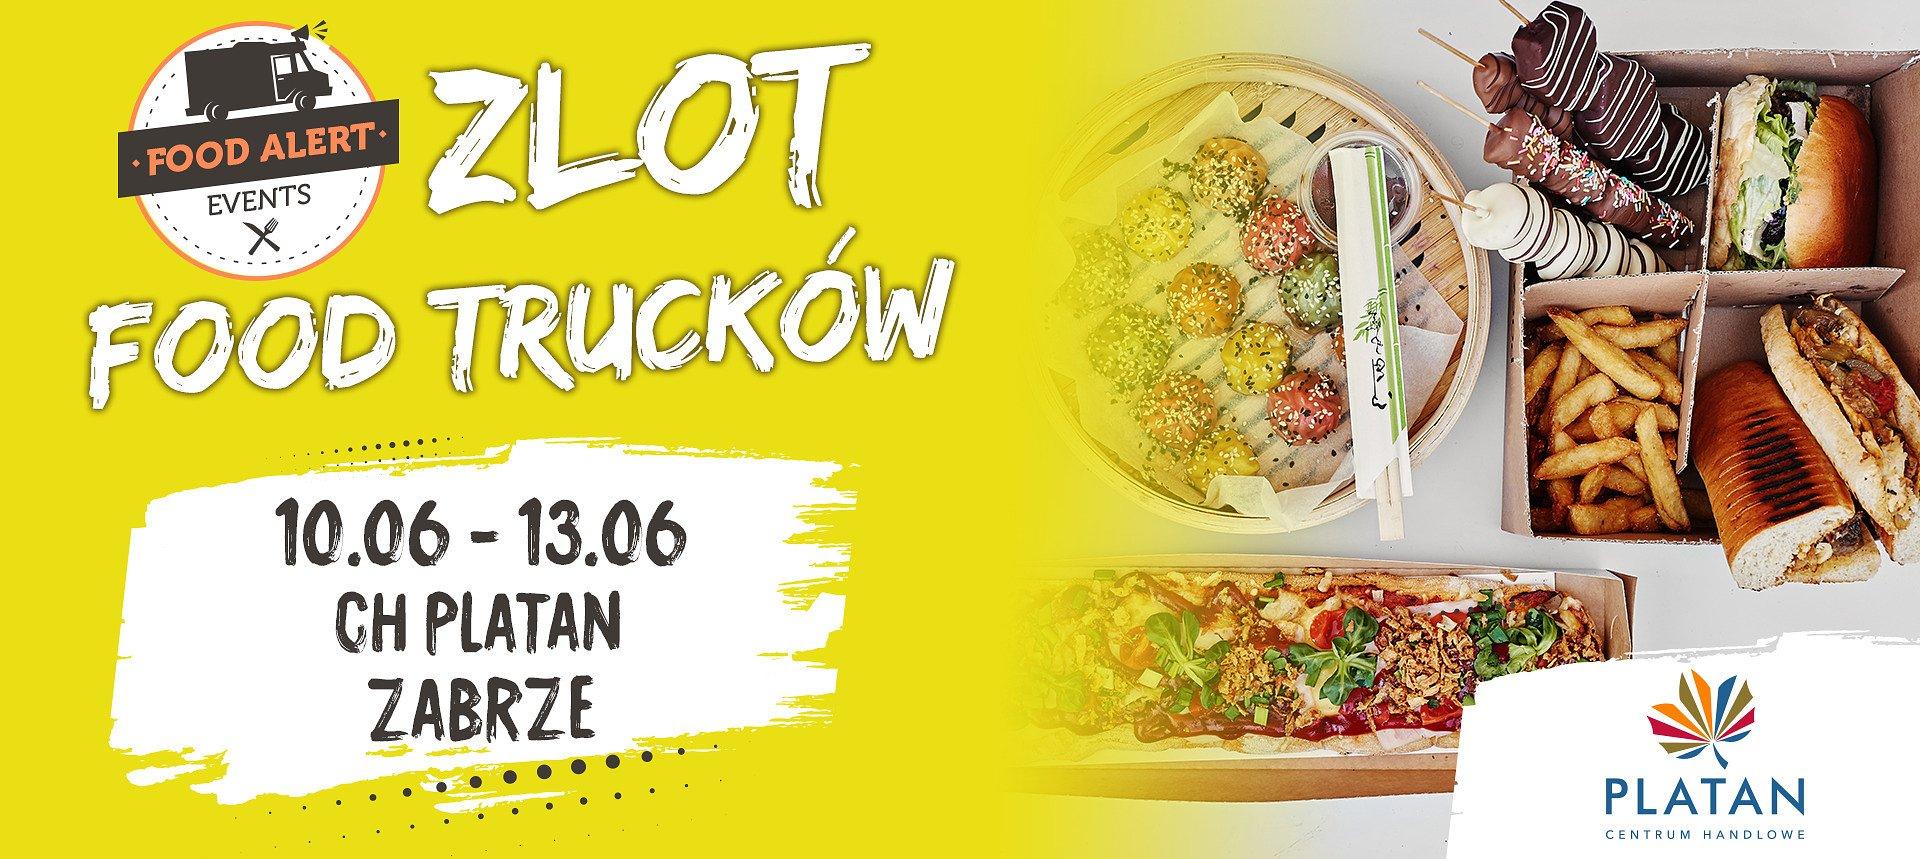 JeMY FEST w Platanie, czyli Zlot Food Trucków w Zabrzu